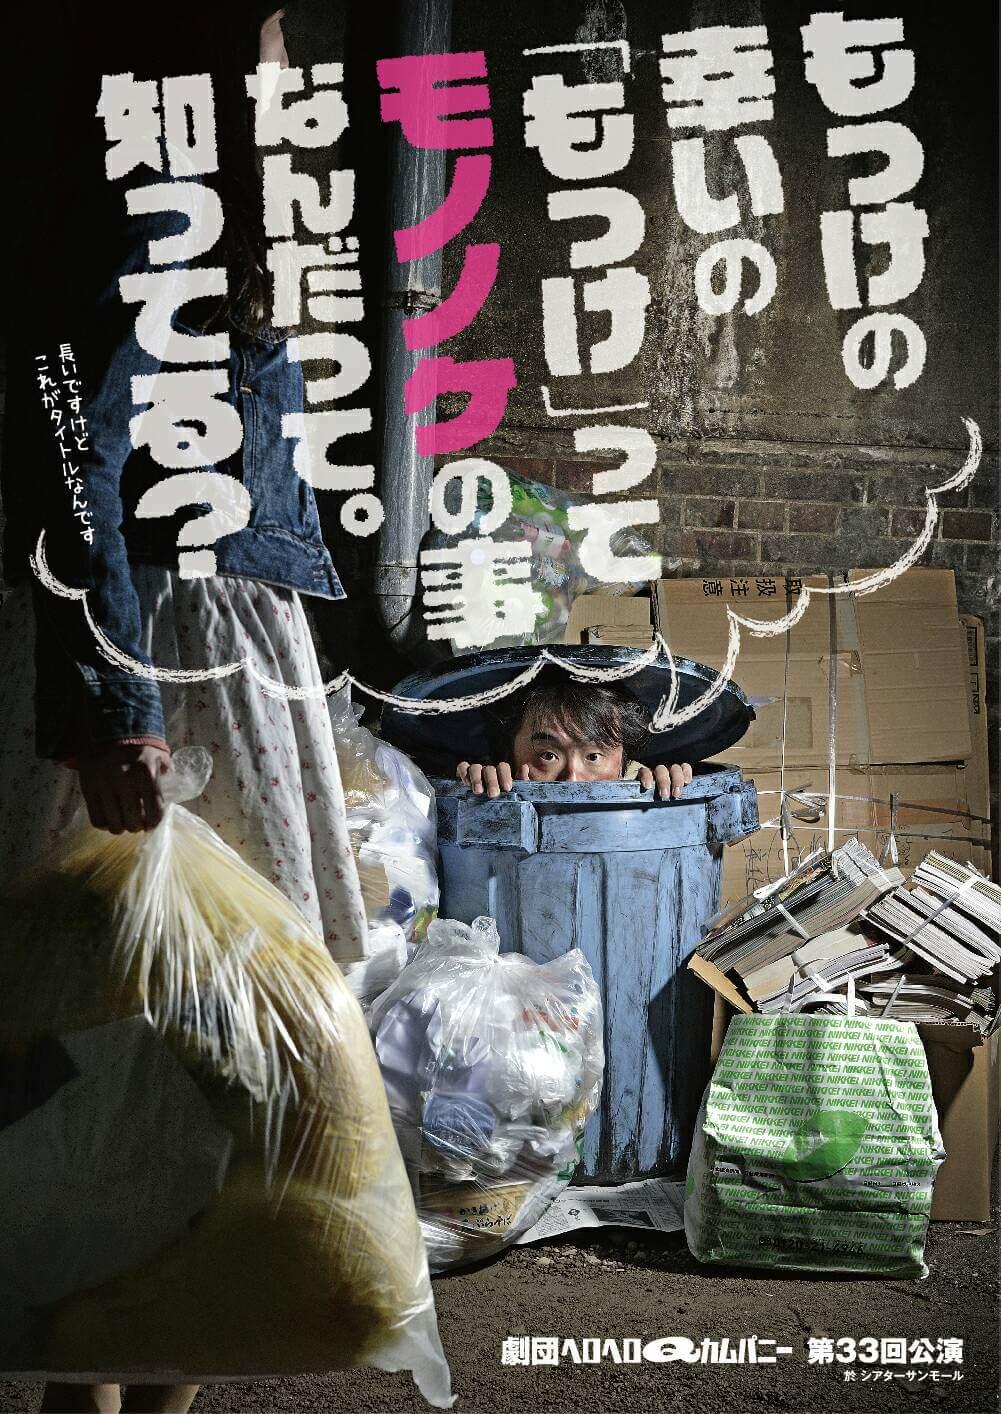 9月〜10月舞台出演情報です!劇団ヘロヘロQカムパニー第33回公演『もっけの幸いの「もっけ」ってモノノケの事なんだって。知ってる?』2016年9月26日(月)~10月2日(日)@新宿シアターサンモール